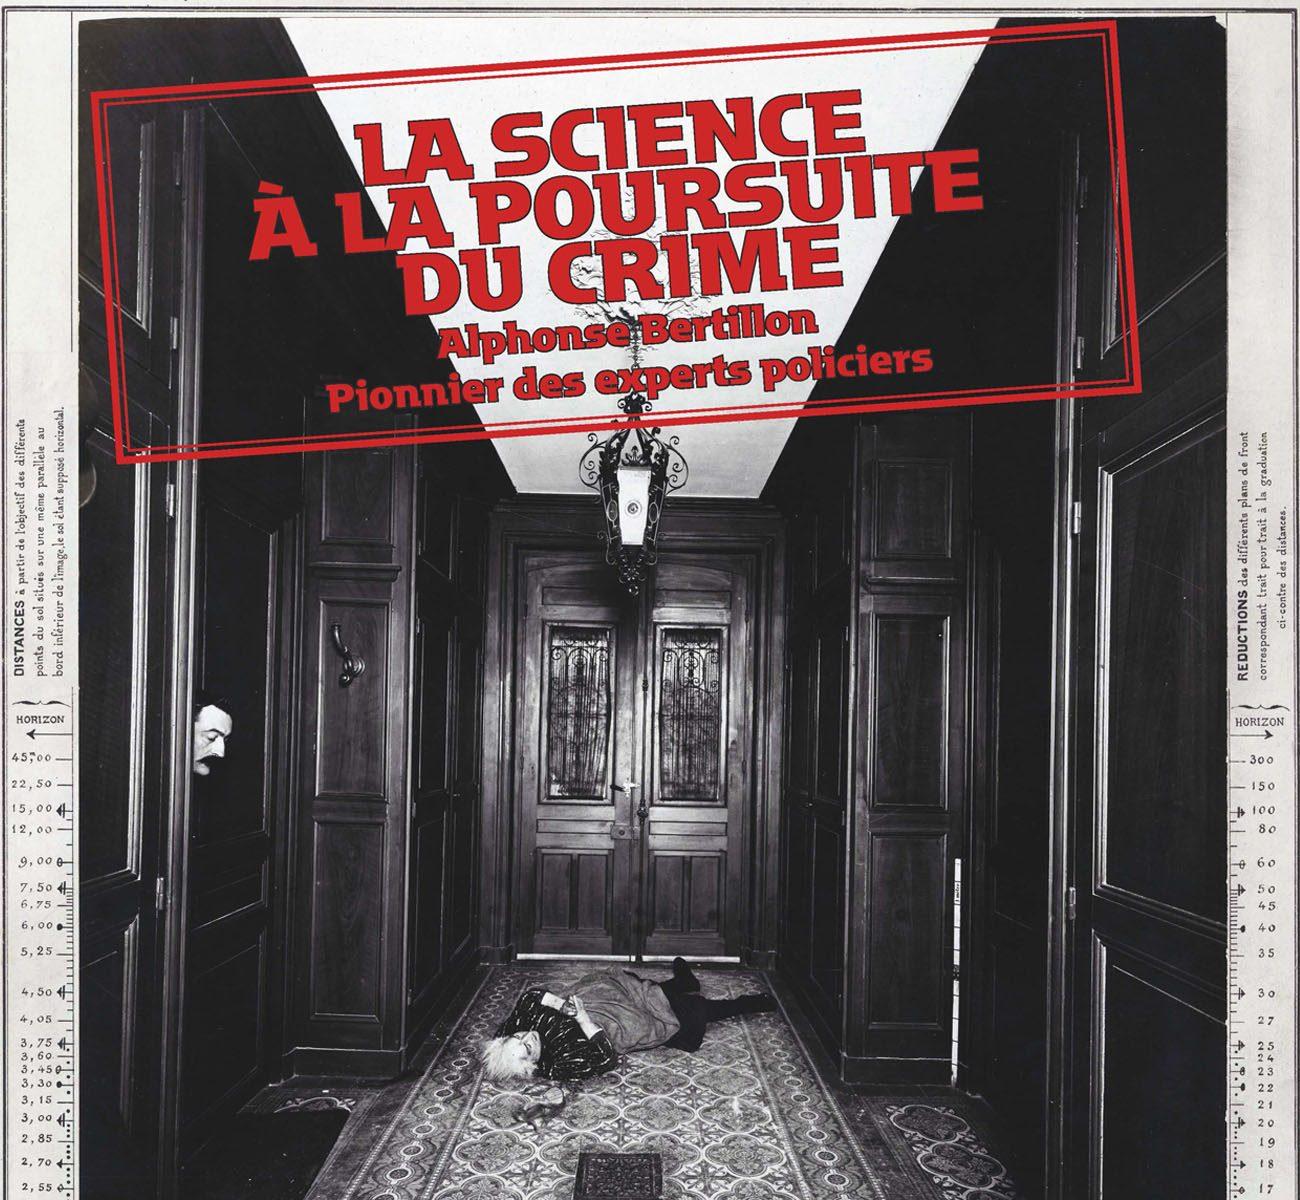 La science à la poursuite du crime – Alphonse Bertillon, pionnier des experts policiers